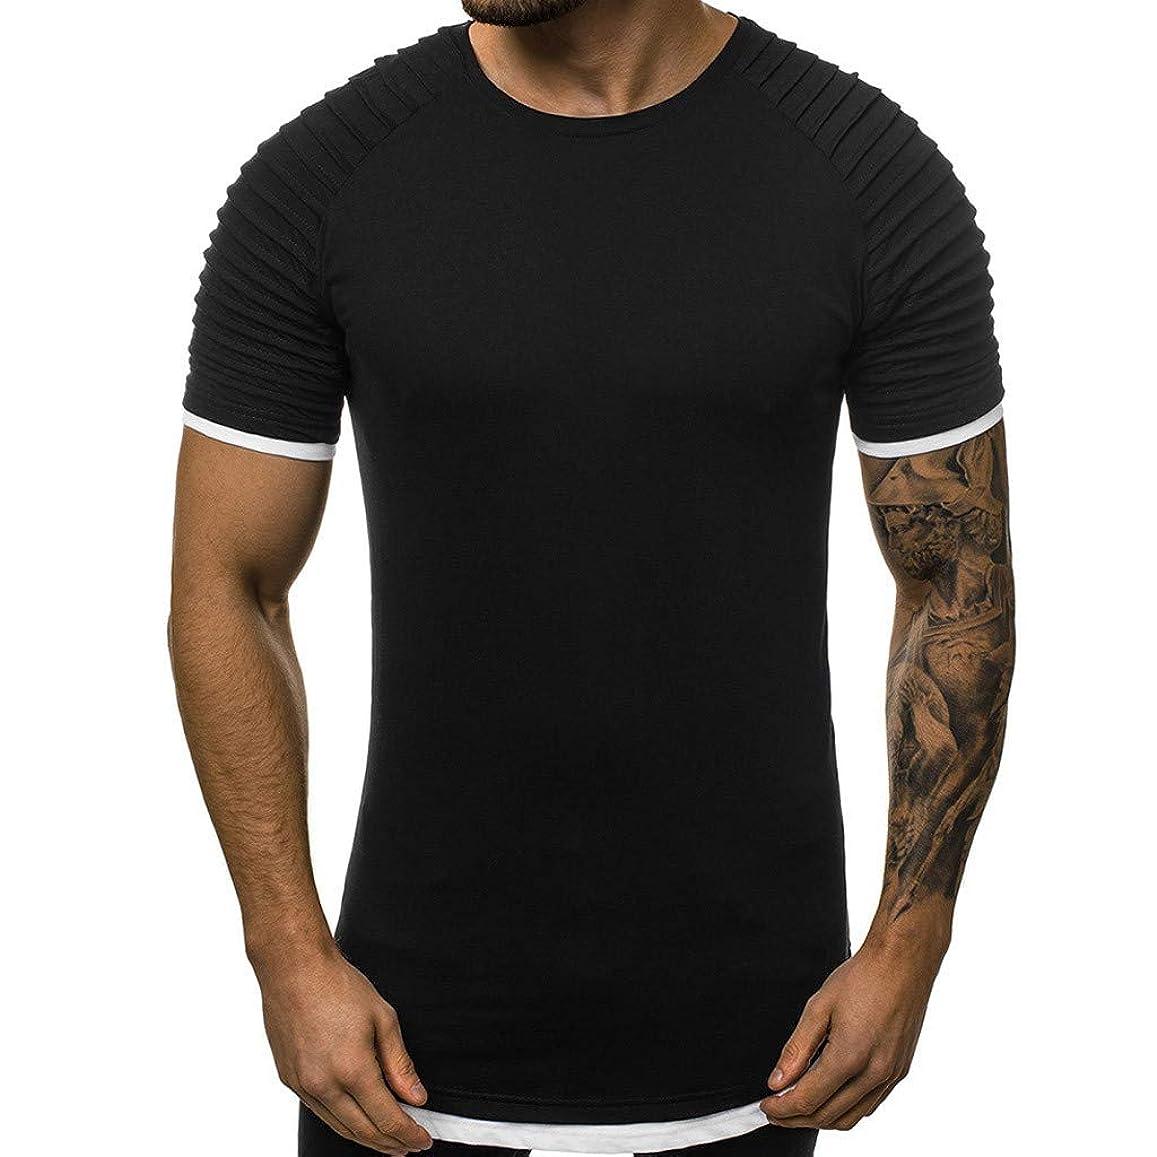 ギネス半径傾いたトップス メンズ おおきいサイズMasinalt メンズ 半袖 シャツ フェイクツーピースプリーツ パネル S/M/L/XL/2XL 半袖 夏服 おしゃれ 快適な 無地 軽い 柔らかい カジュアルな カットソー